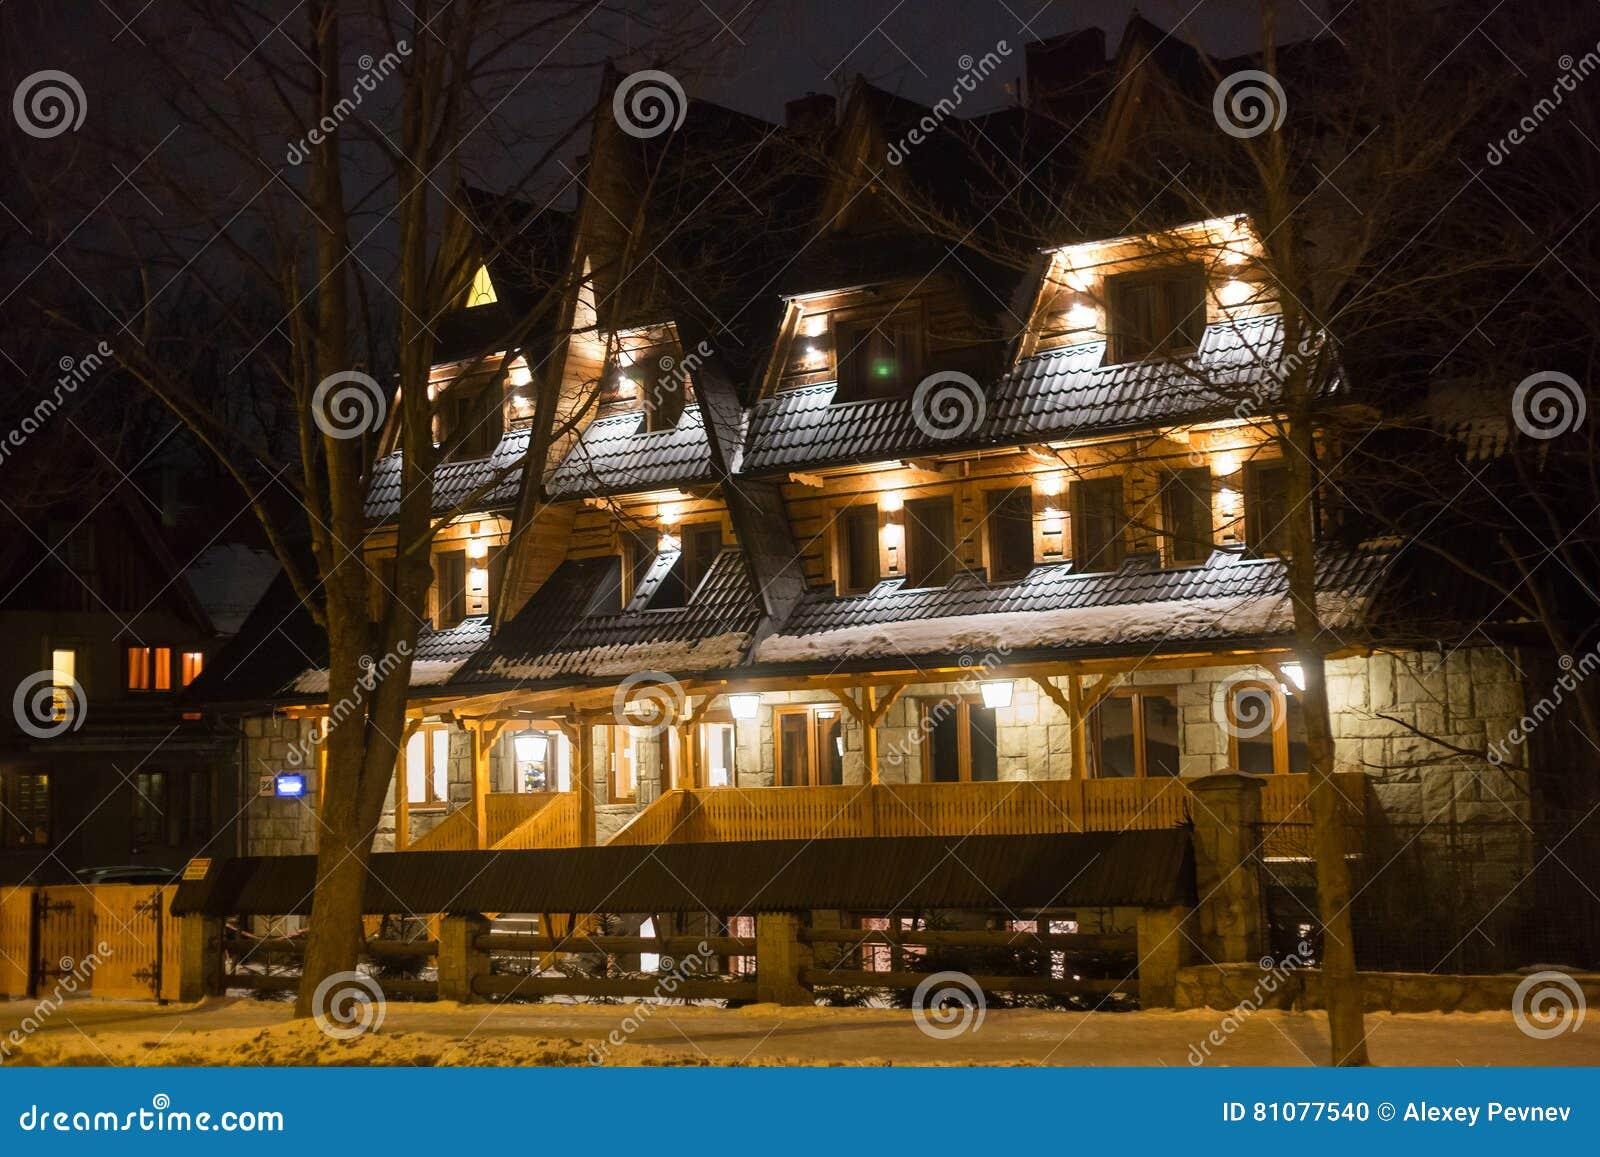 POLONIA, ZAKOPANE - 3 DE ENERO DE 2015: Casa de madera tradicional de la cabaña en Zakopane